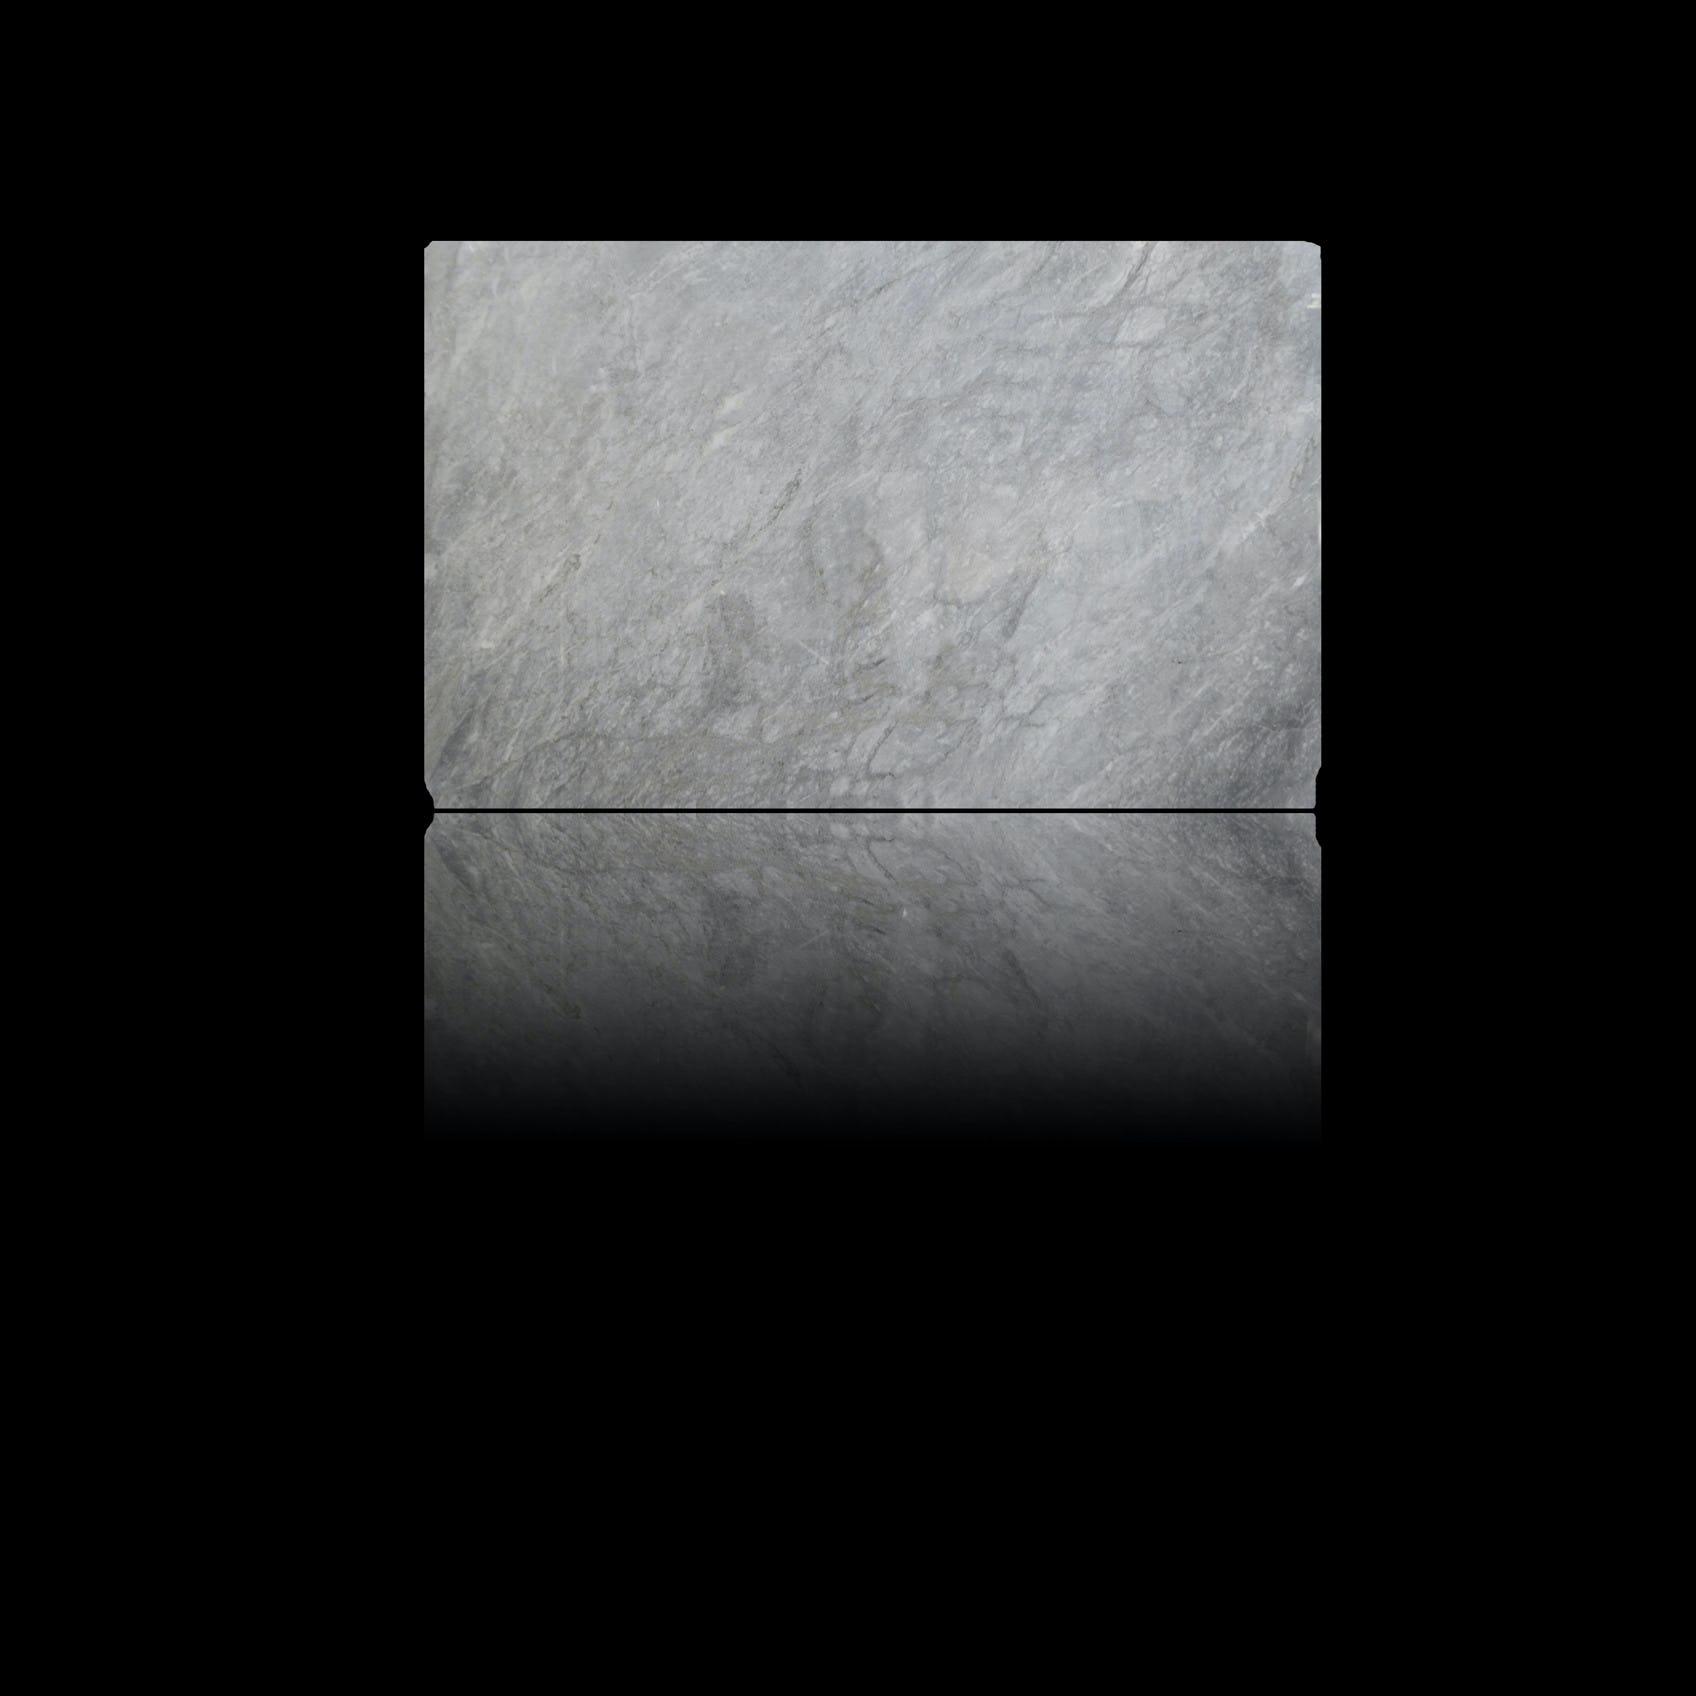 marmore-cinza-curitiba